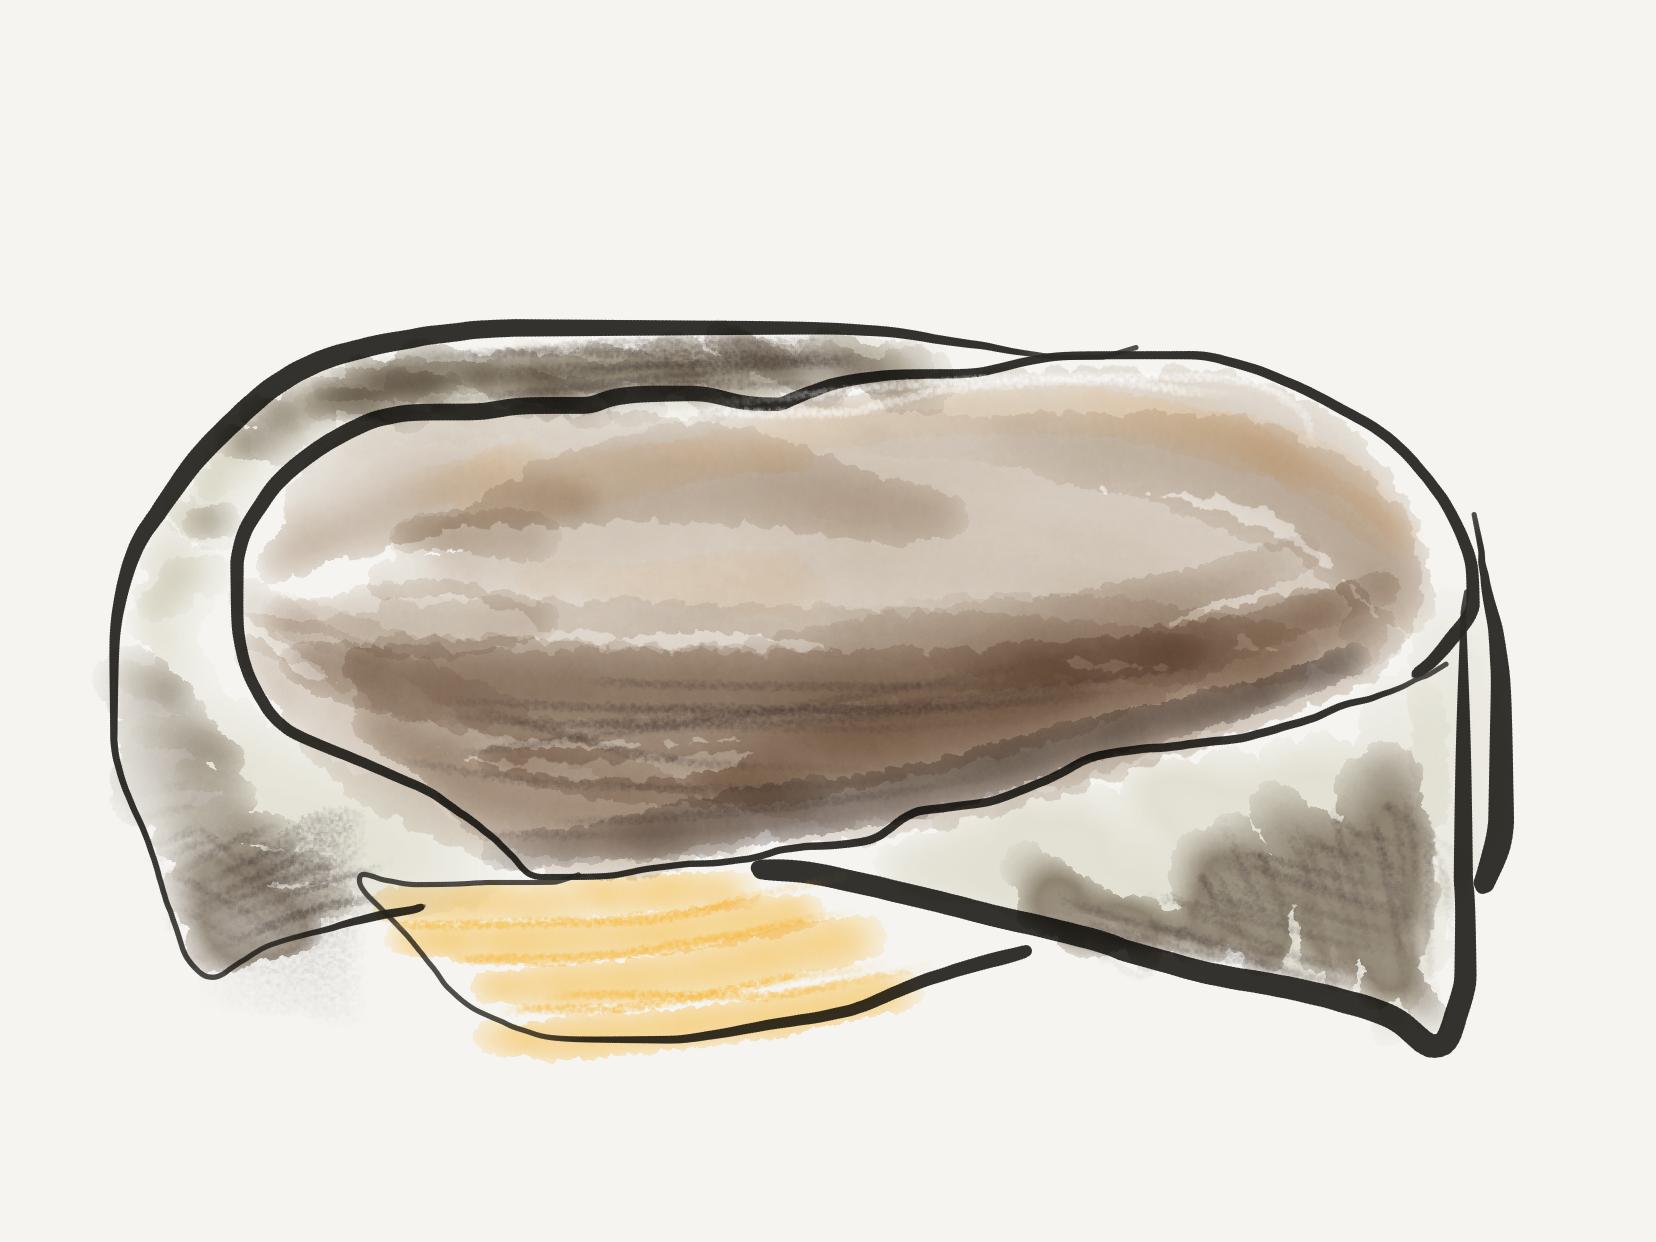 Le pain complet (janvier 2019)